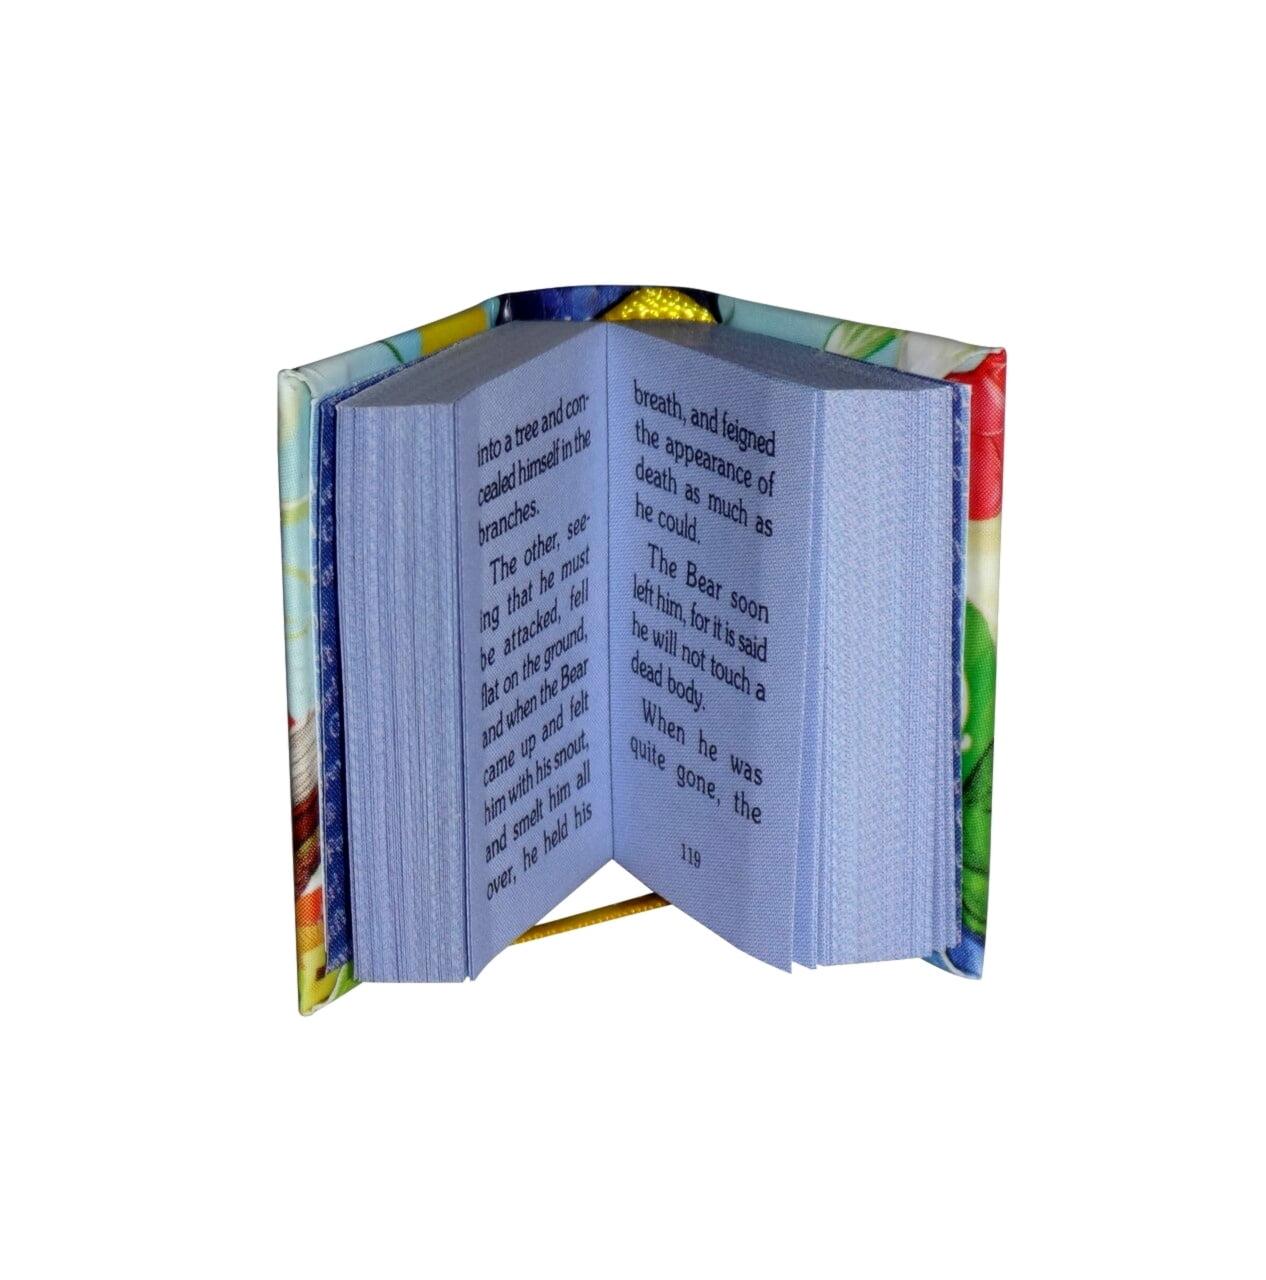 Fables_2-miniature-book-libro